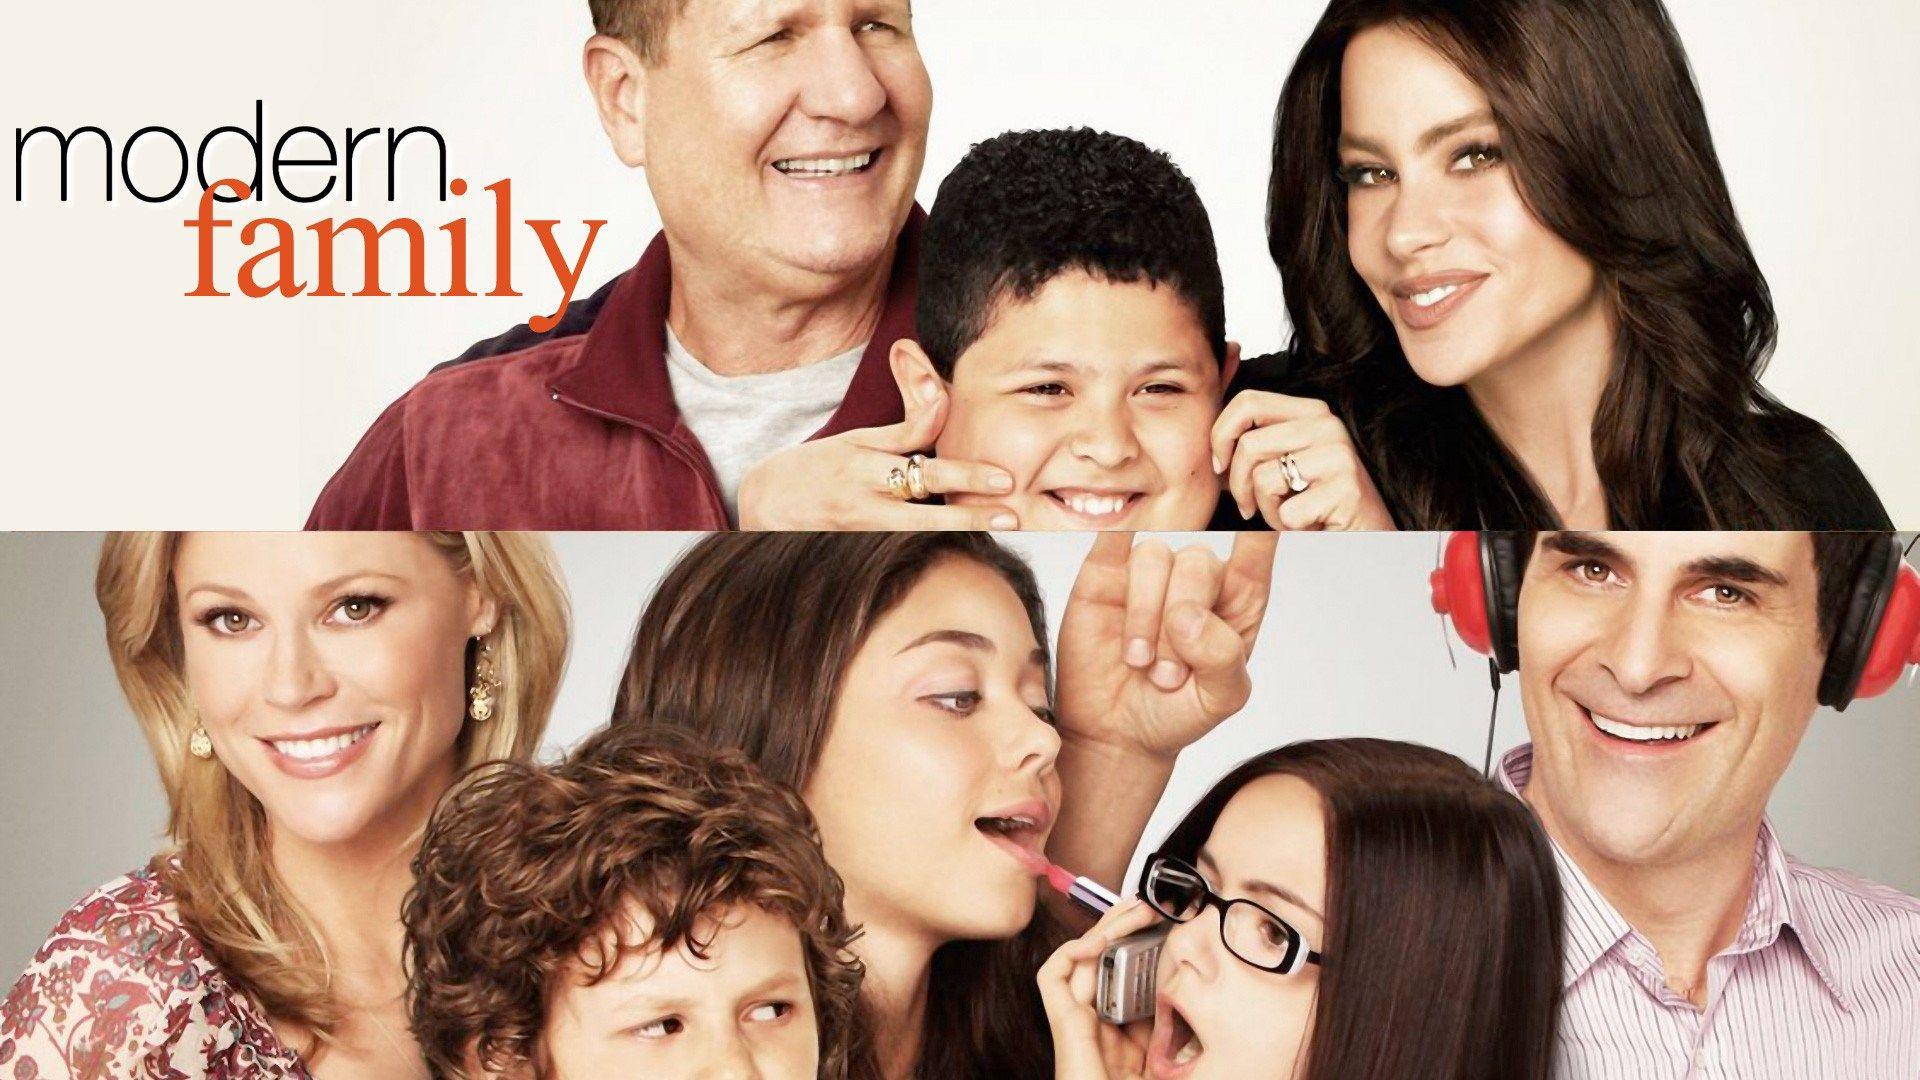 Free Desktop Modern Family Wallpaper 1920x1080 356 Kb Modern Family Comedy Tv Series Family Tv